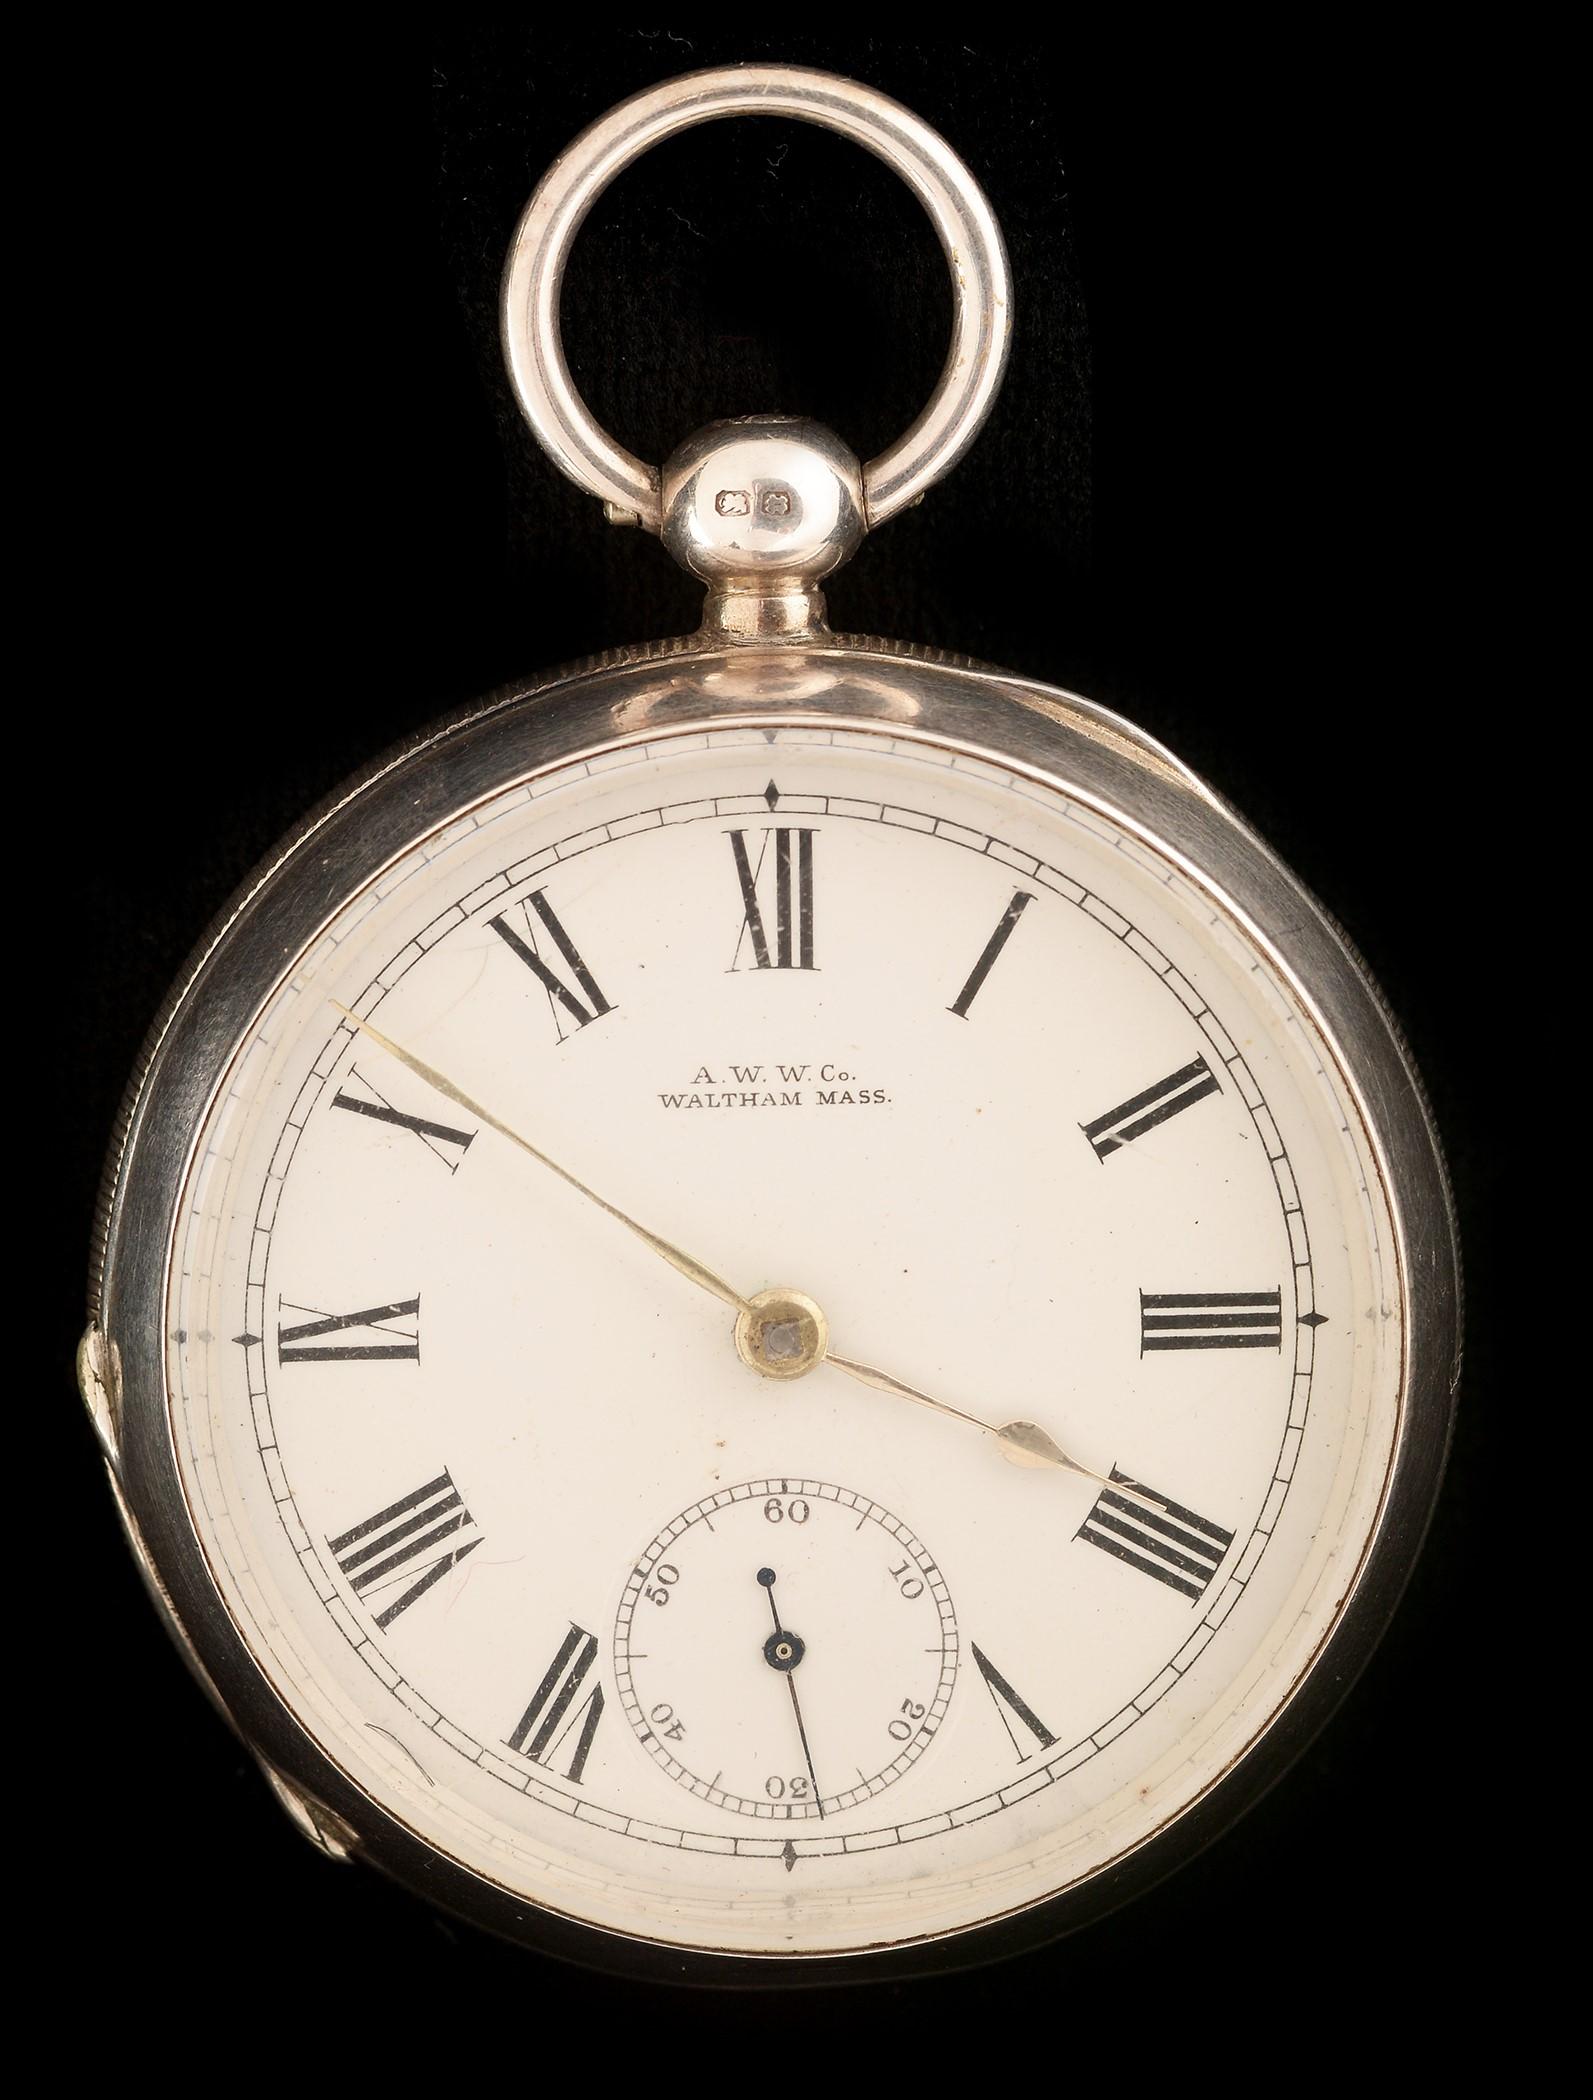 Lot 34 - Silver Waltham open face pocket watch